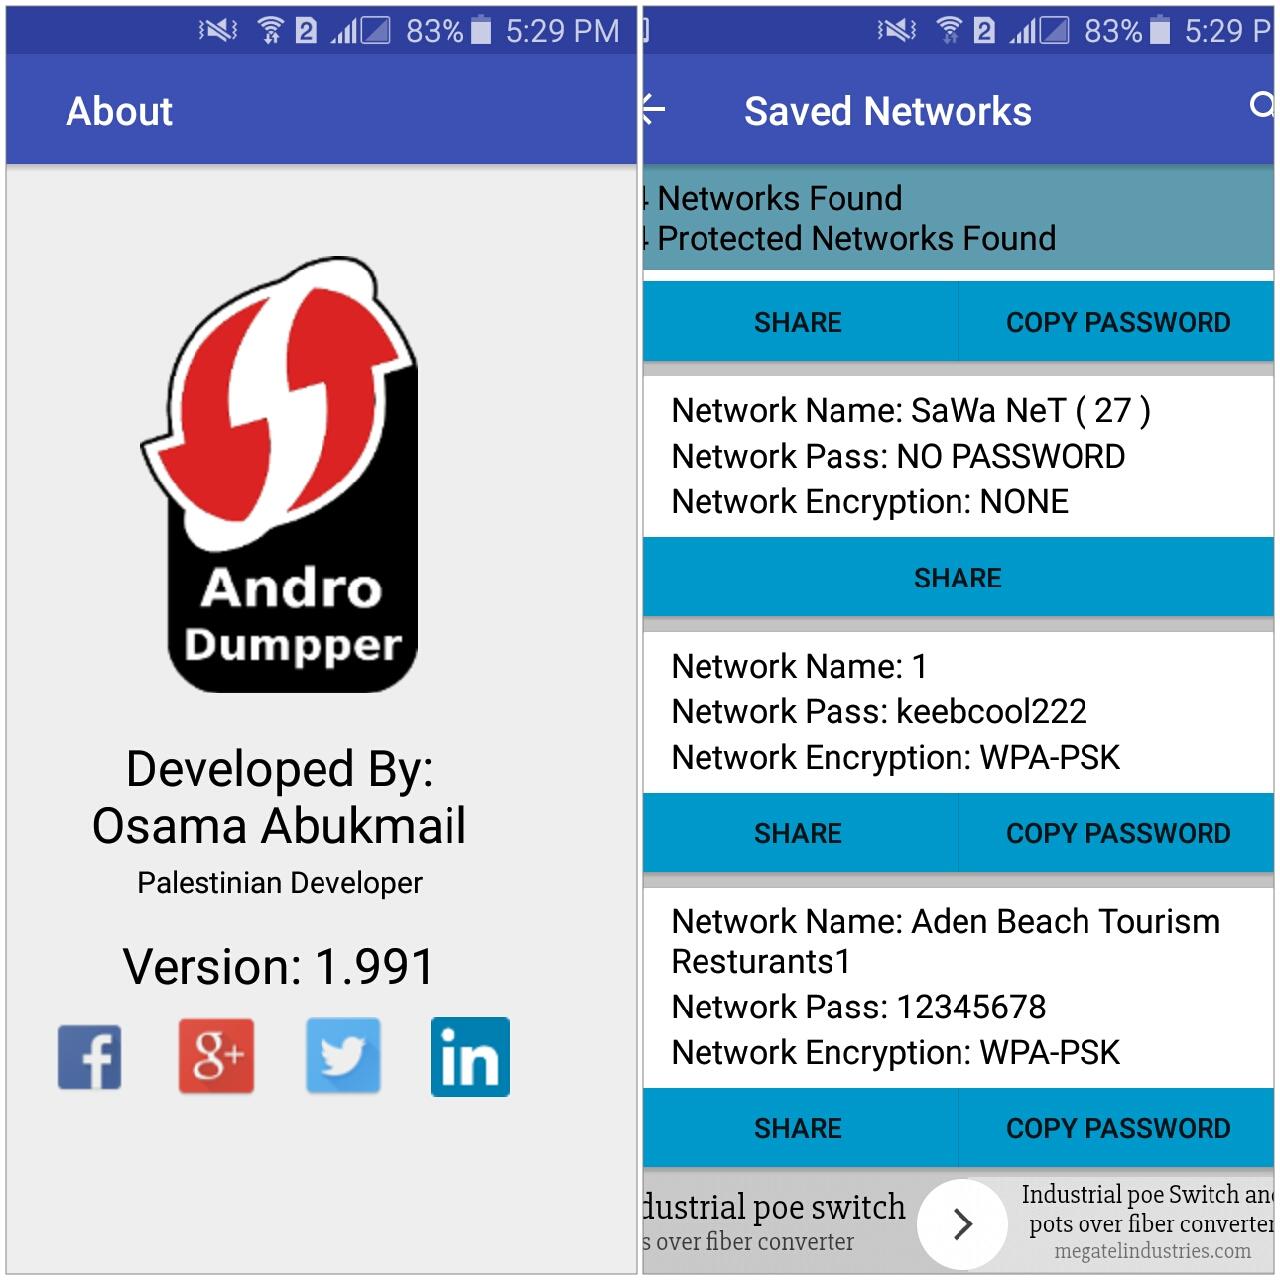 تطبيق اندرودمبر لاختراق شبكات الواي فاي طريقة الإستخدام Androdumpper Apk